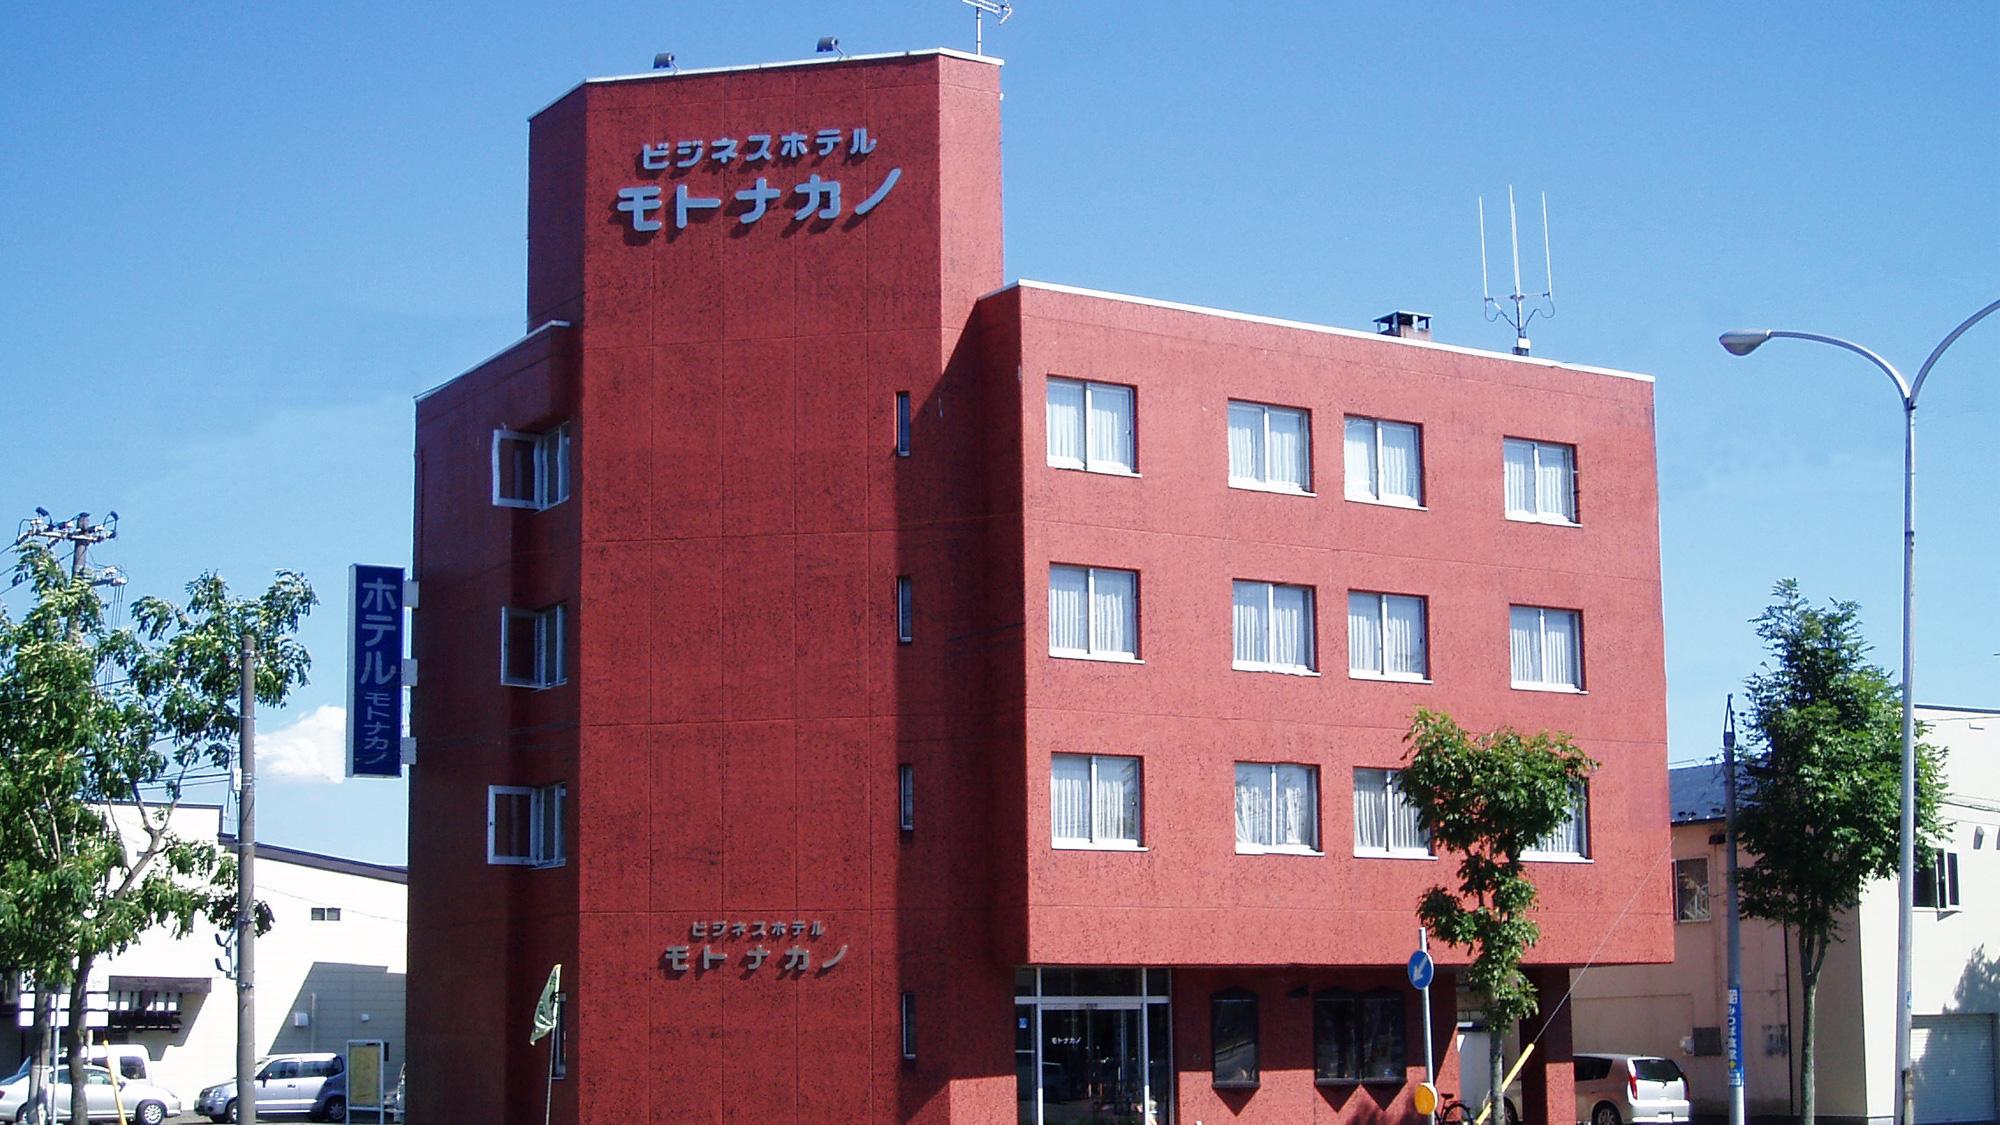 ビジネスホテル モトナカノ◆楽天トラベル